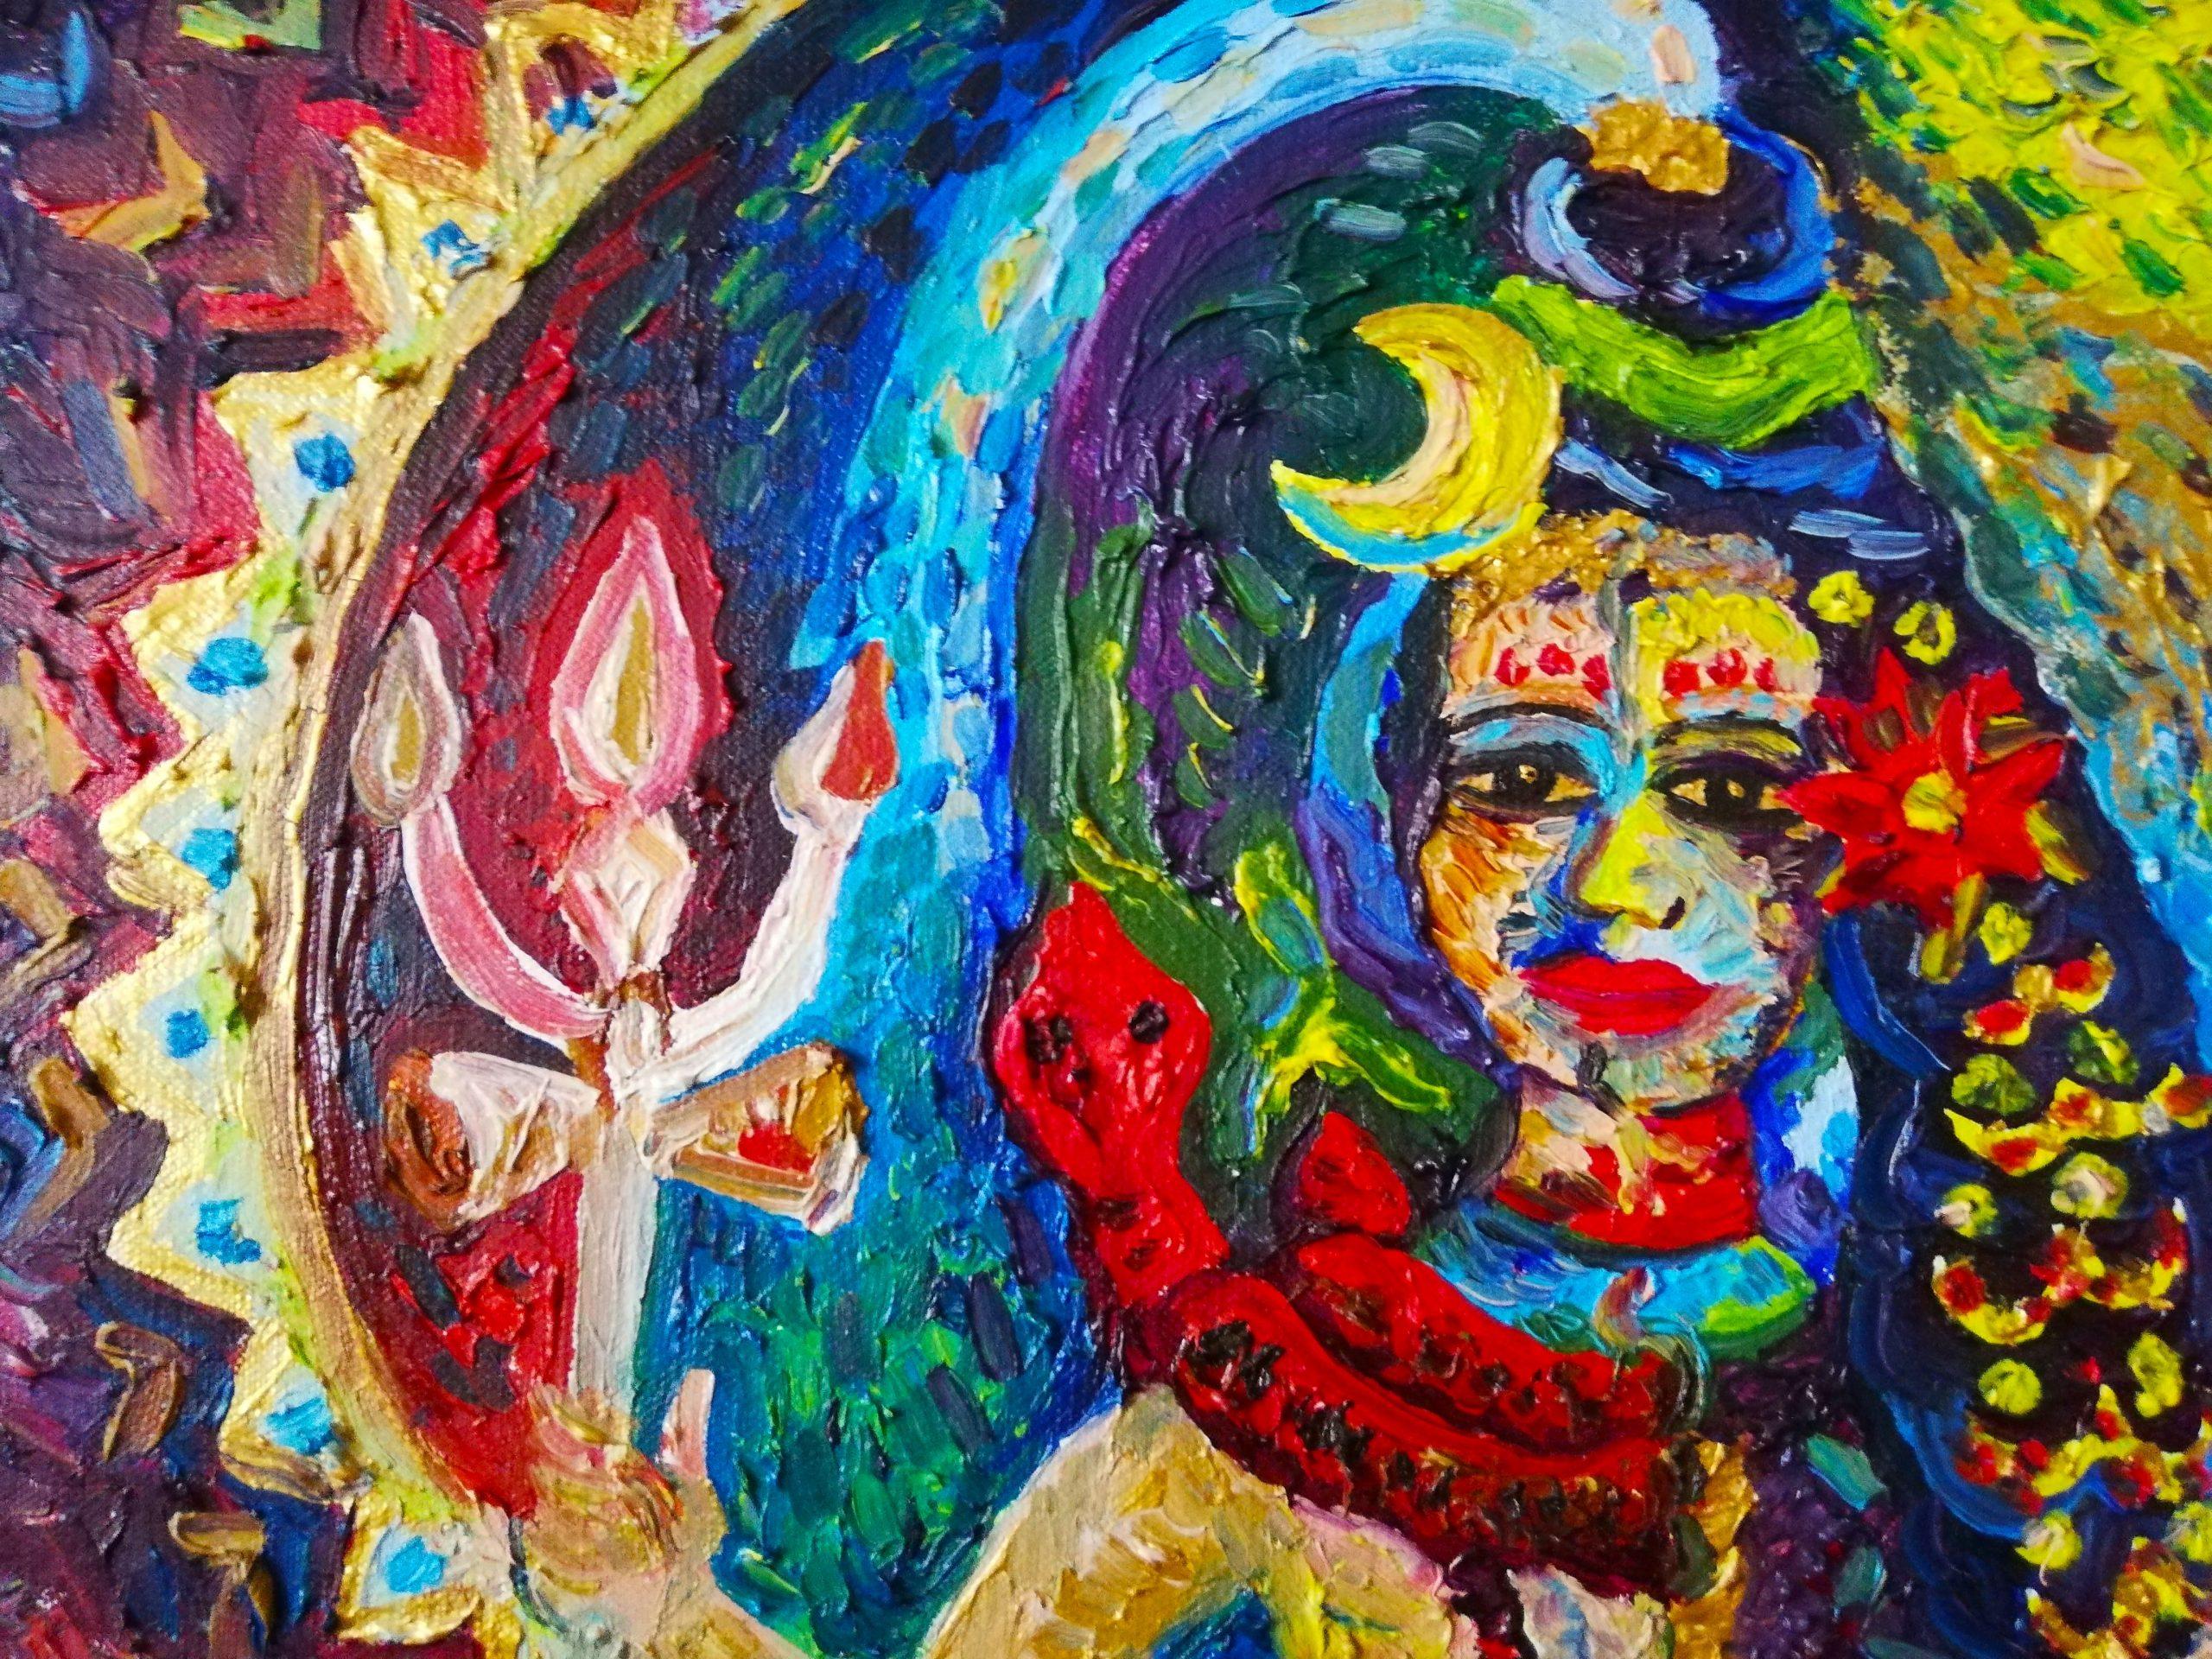 Ardh-nareshwar-ManWoman-detail-1